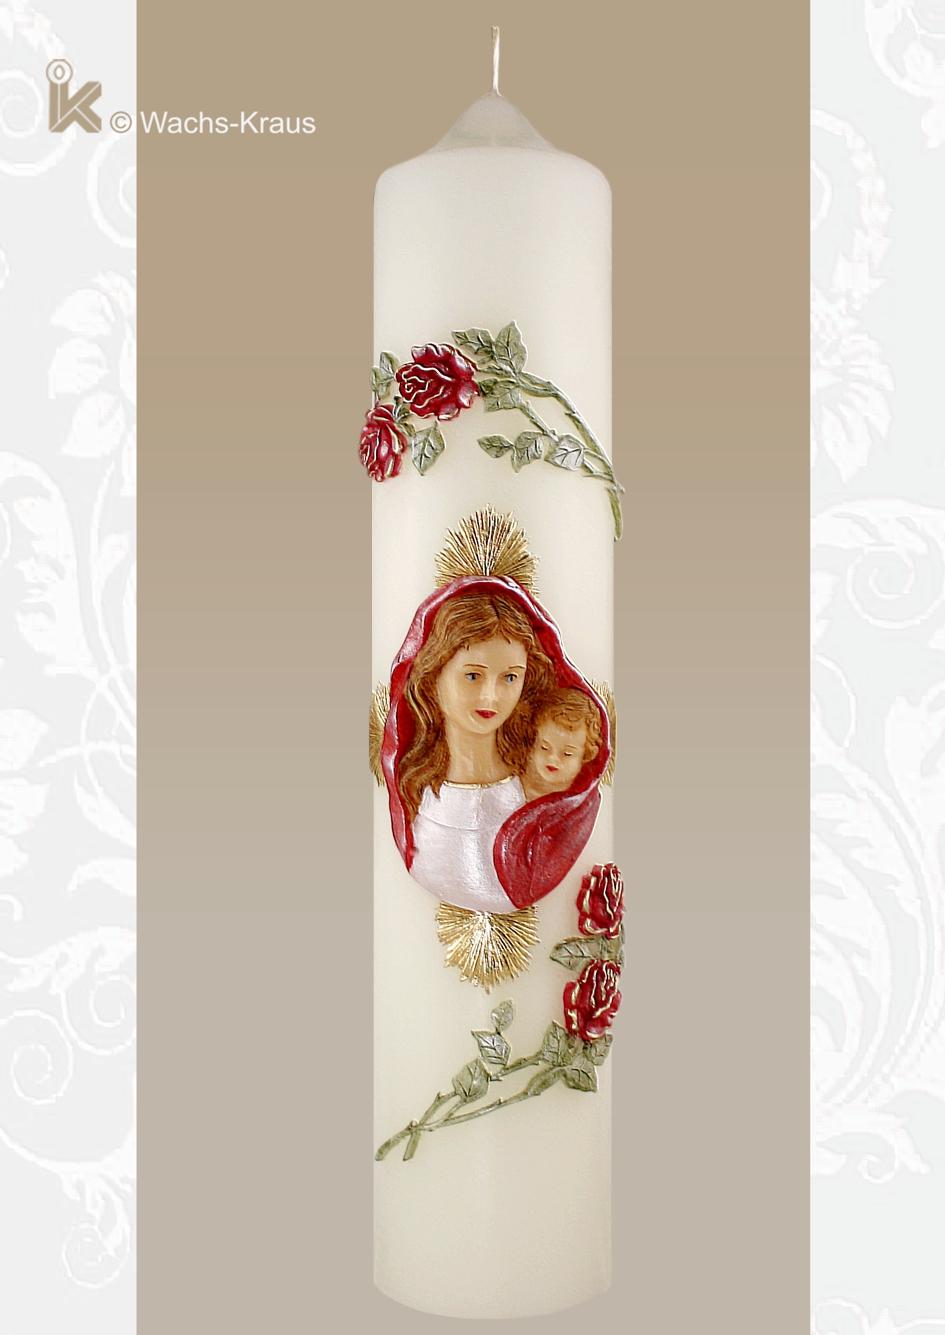 Klassische Marienkerze mit einer wunderschönen Mutter Gottes, umgeben von Strahlen und gerahmt von roten, aus Wachs gegossenen Rosen.